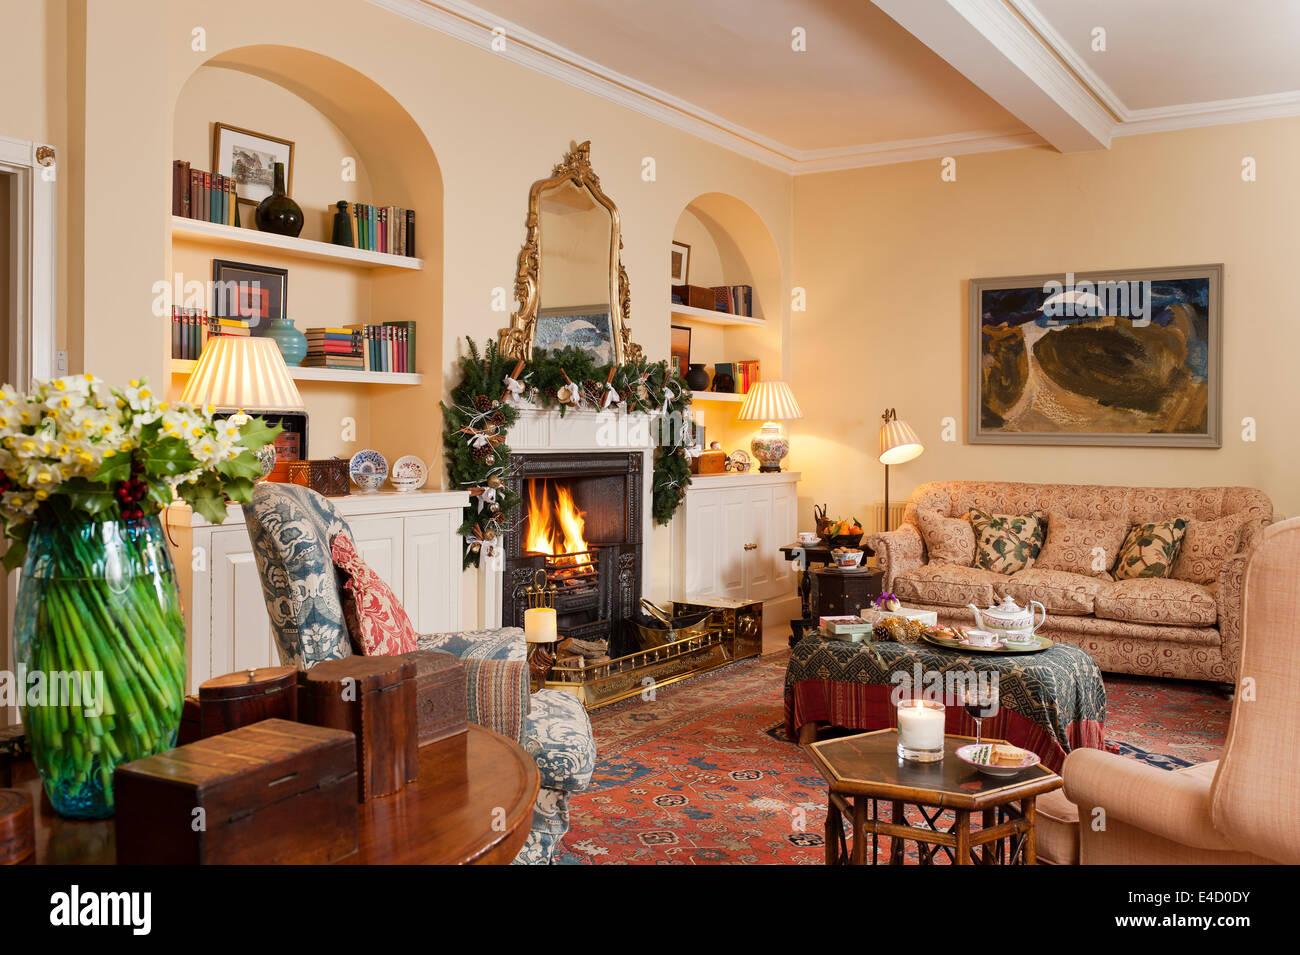 Gemütliches Wohnzimmer mit Kamin und verschiedene antike Möbel. Das ...